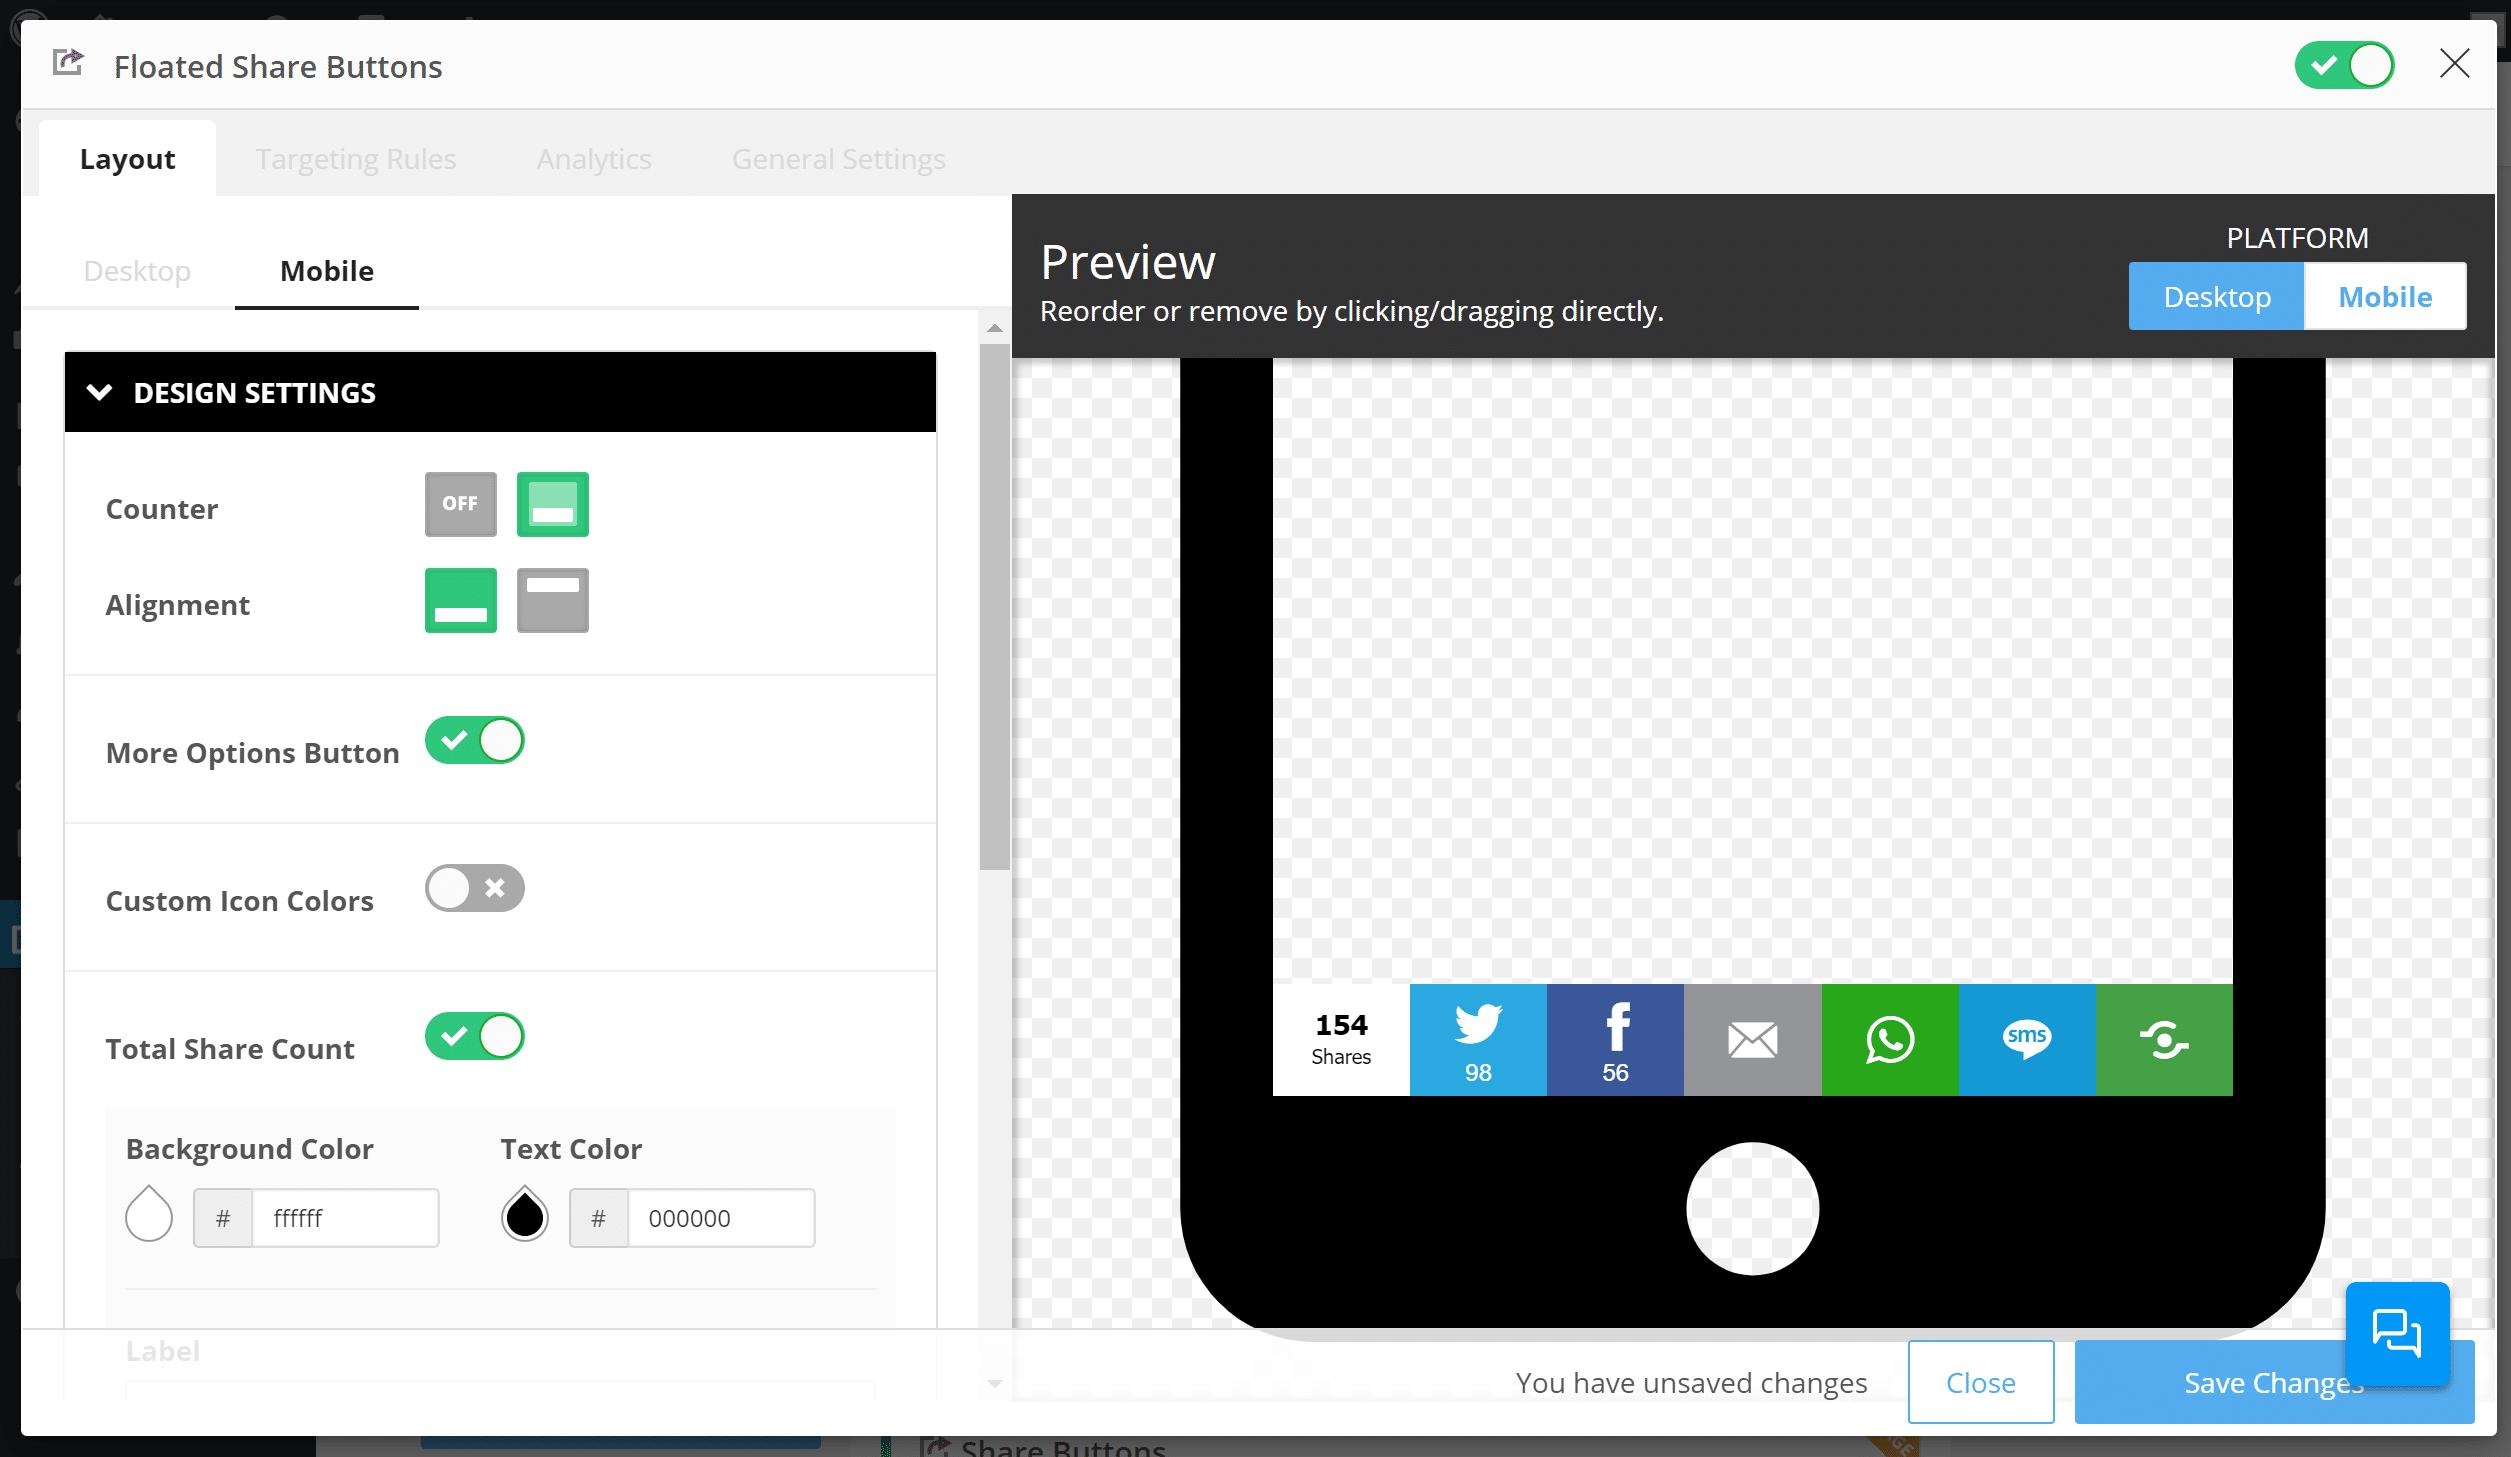 Come cambiare il design per mobile